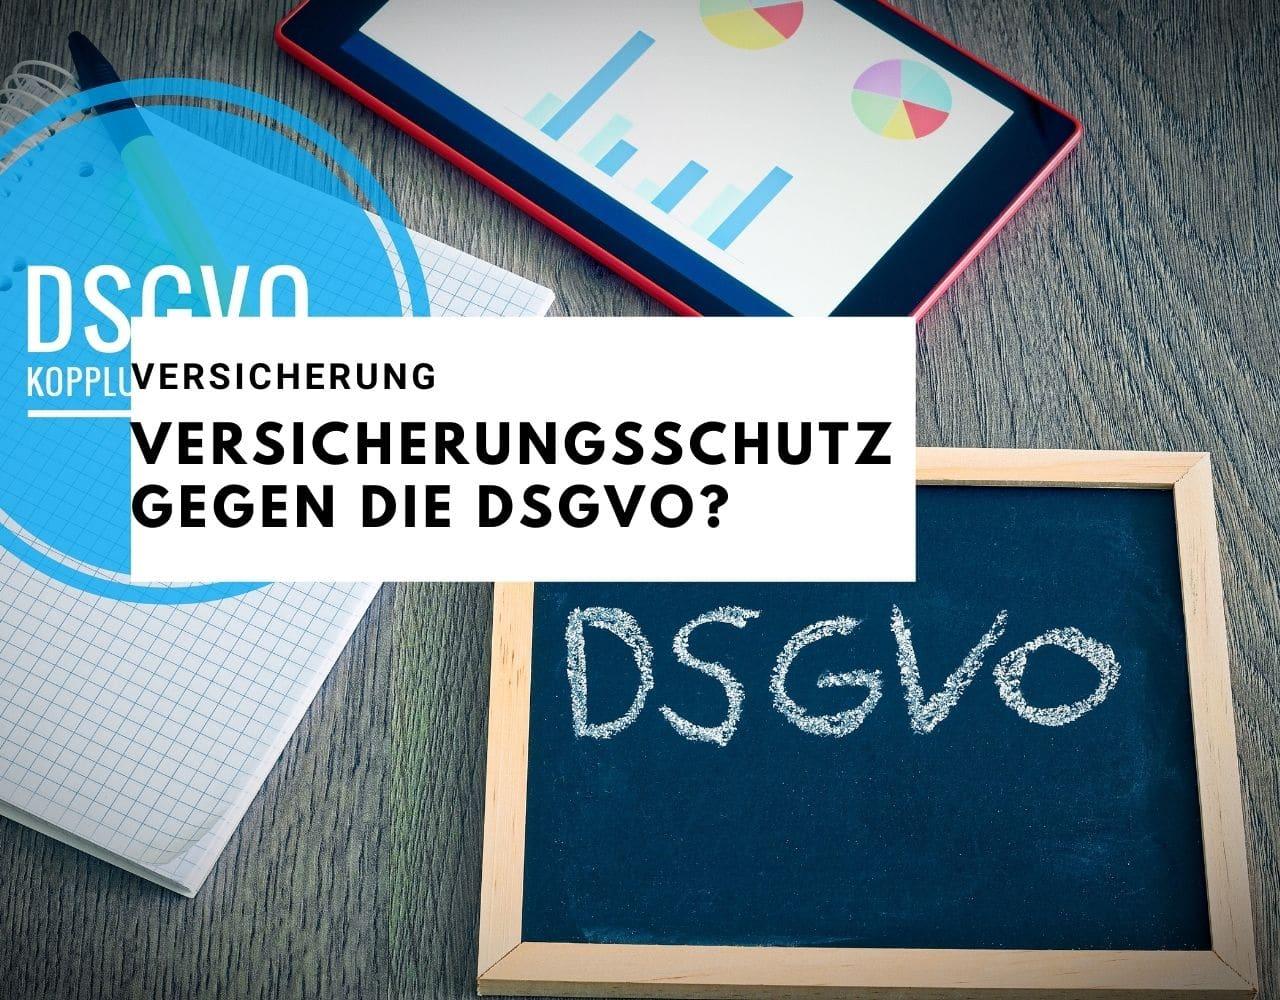 Versicherungsschutz gegen die DSGVO?